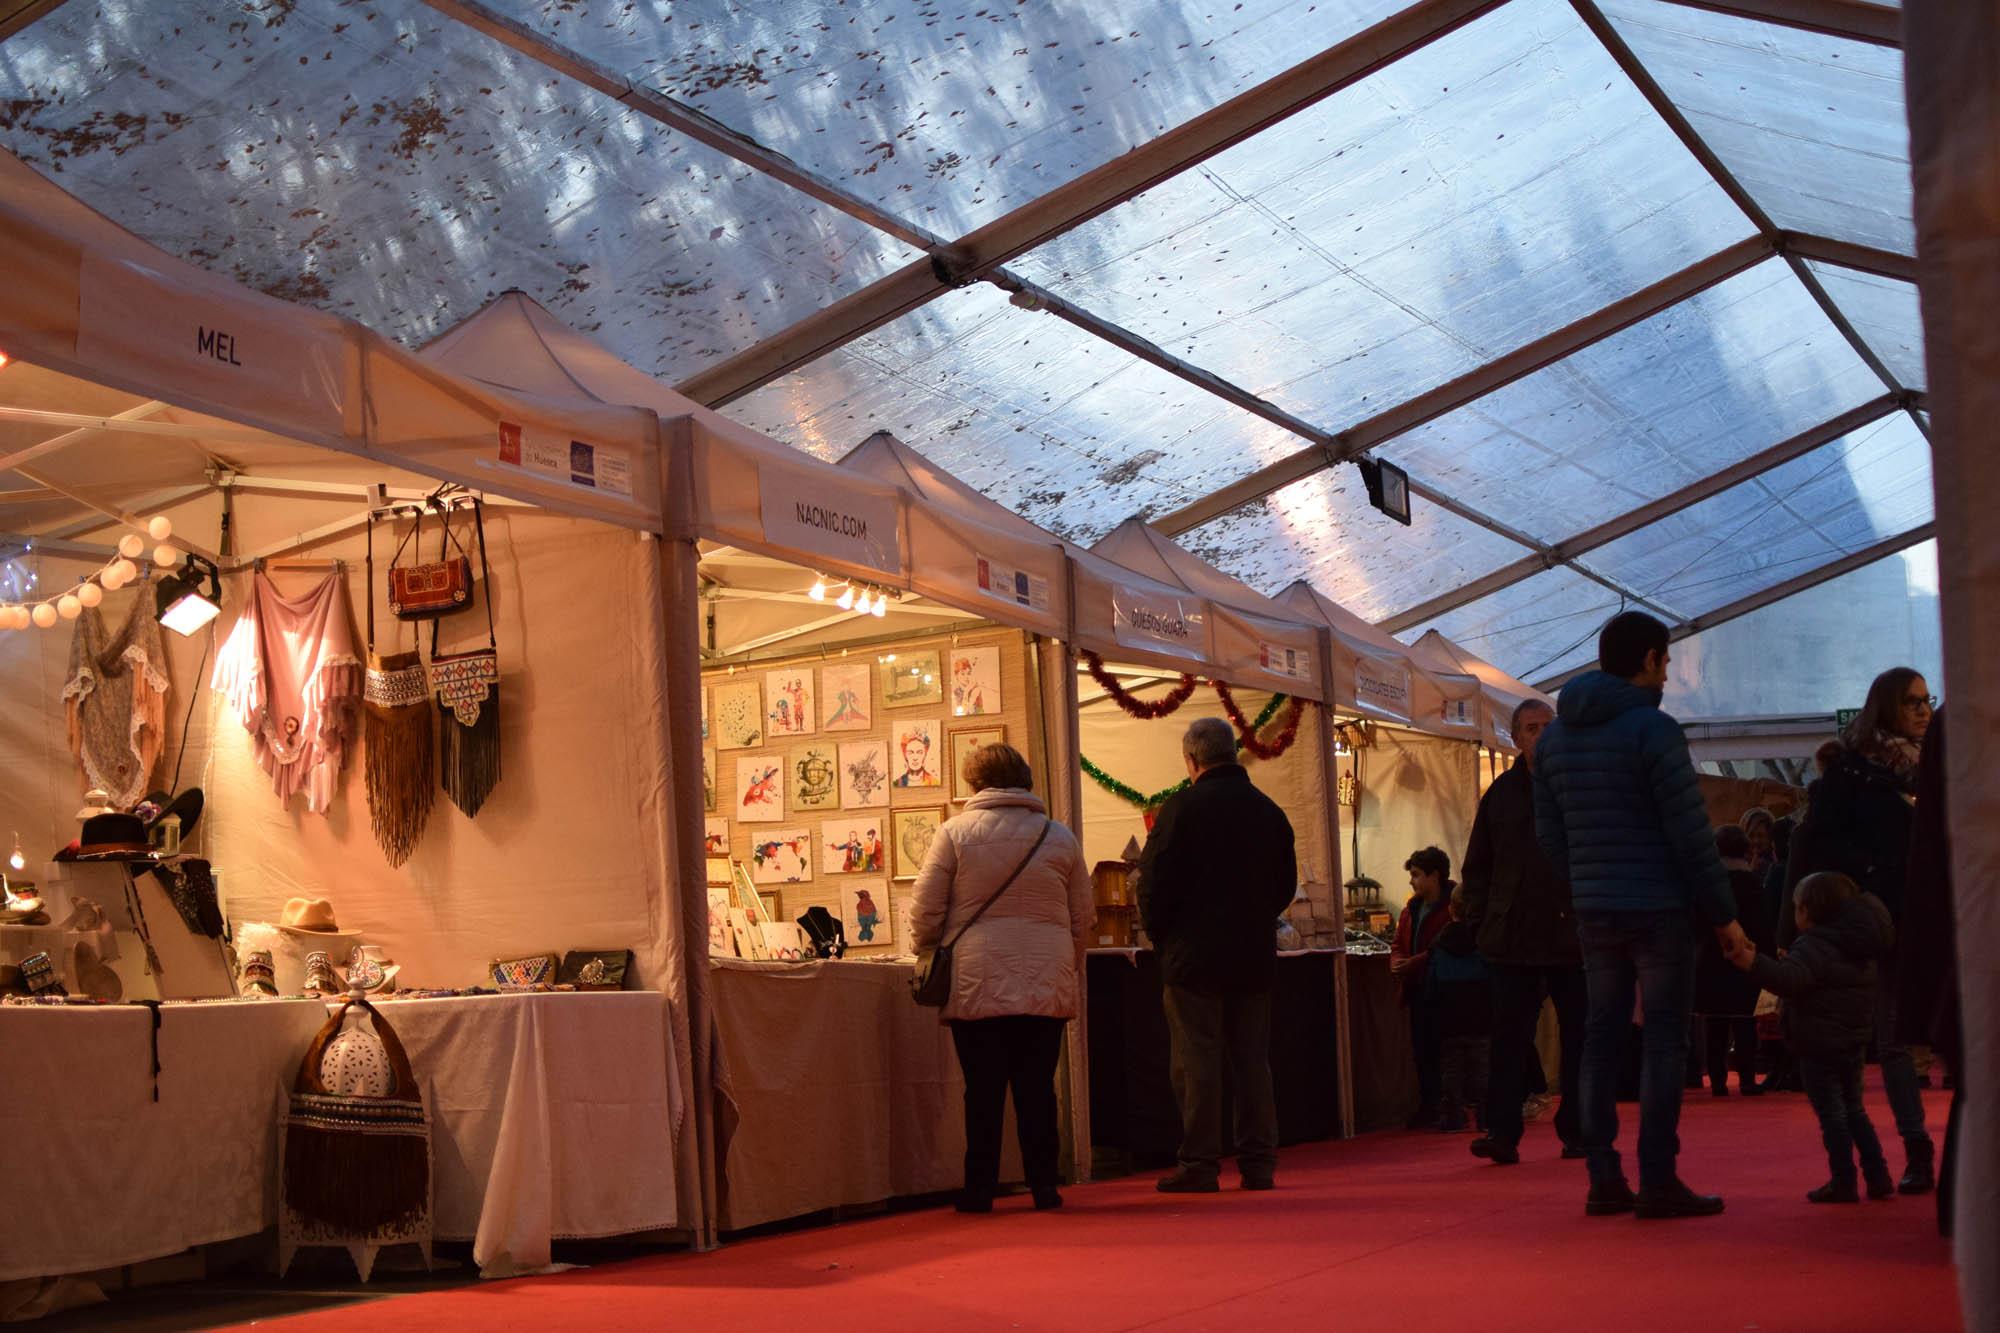 Carpa para Feria de Navidad en Huesca | ARACARPAS - Carpas para eventos y soluciones a medida